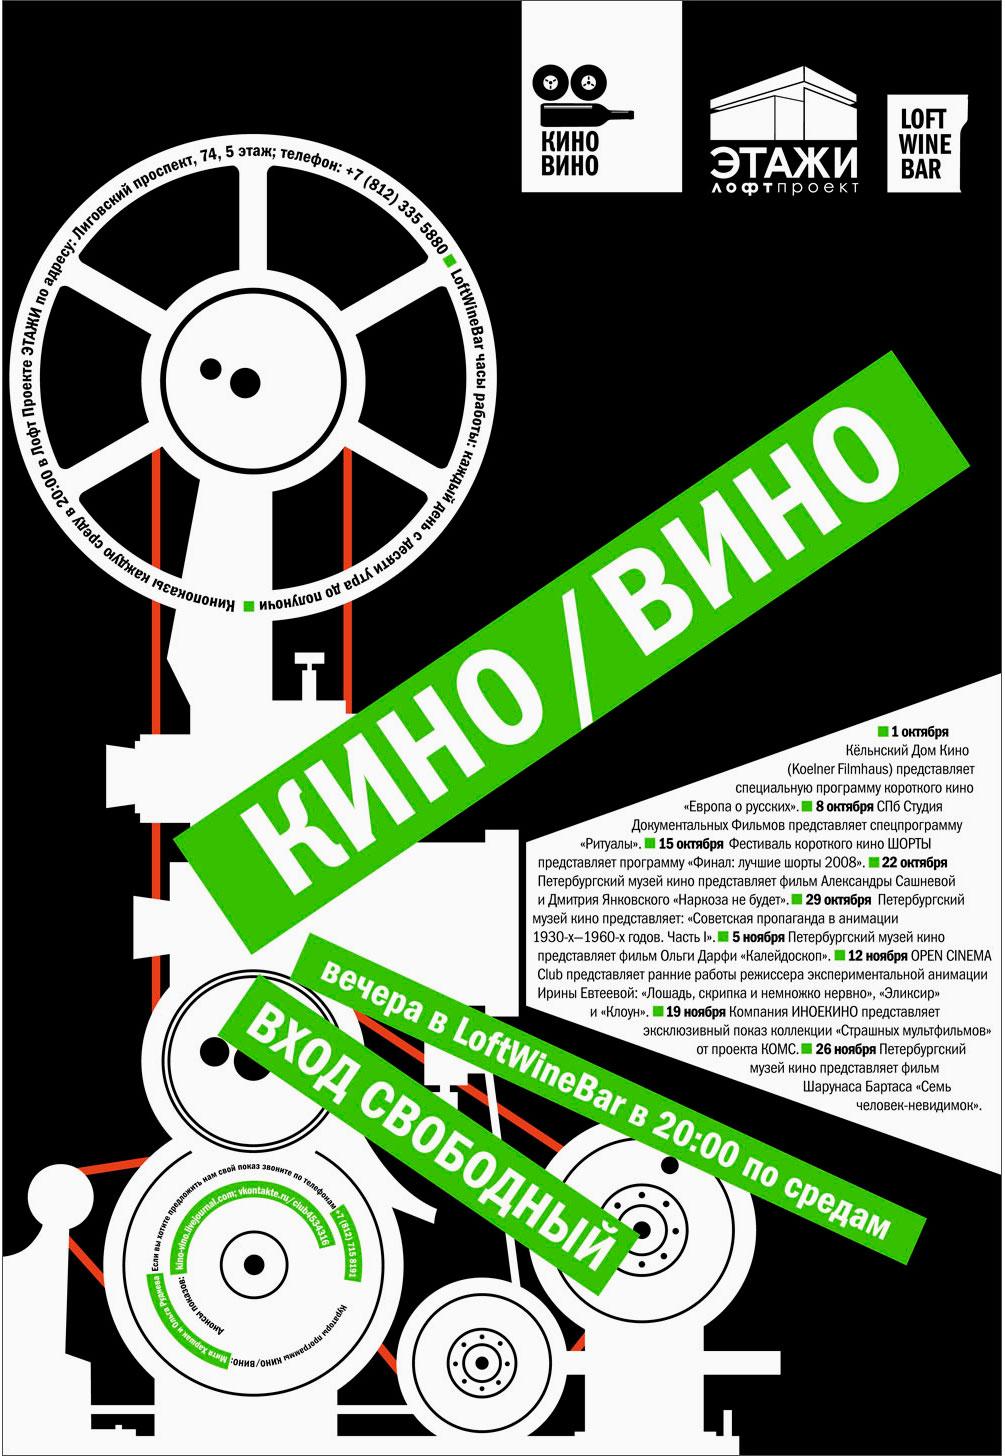 KinoVino_season_1